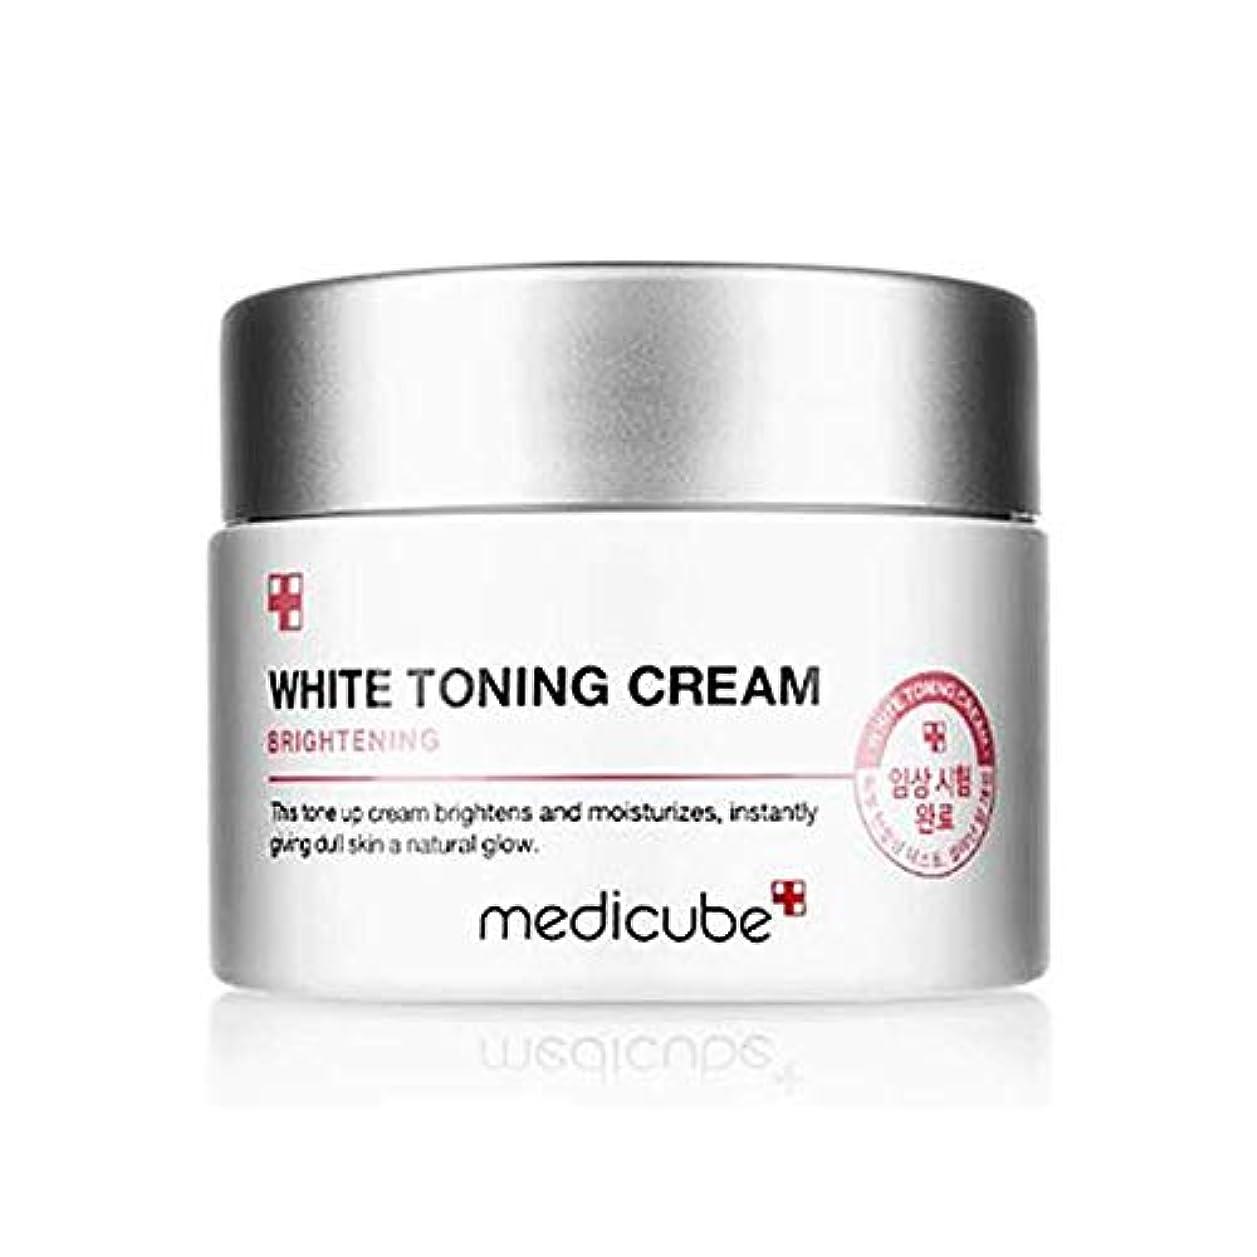 ペースト合成生きるMedicube WHITE TONING CREAM メディキューブ ホワイトトーニングクリーム 55ml [並行輸入品]